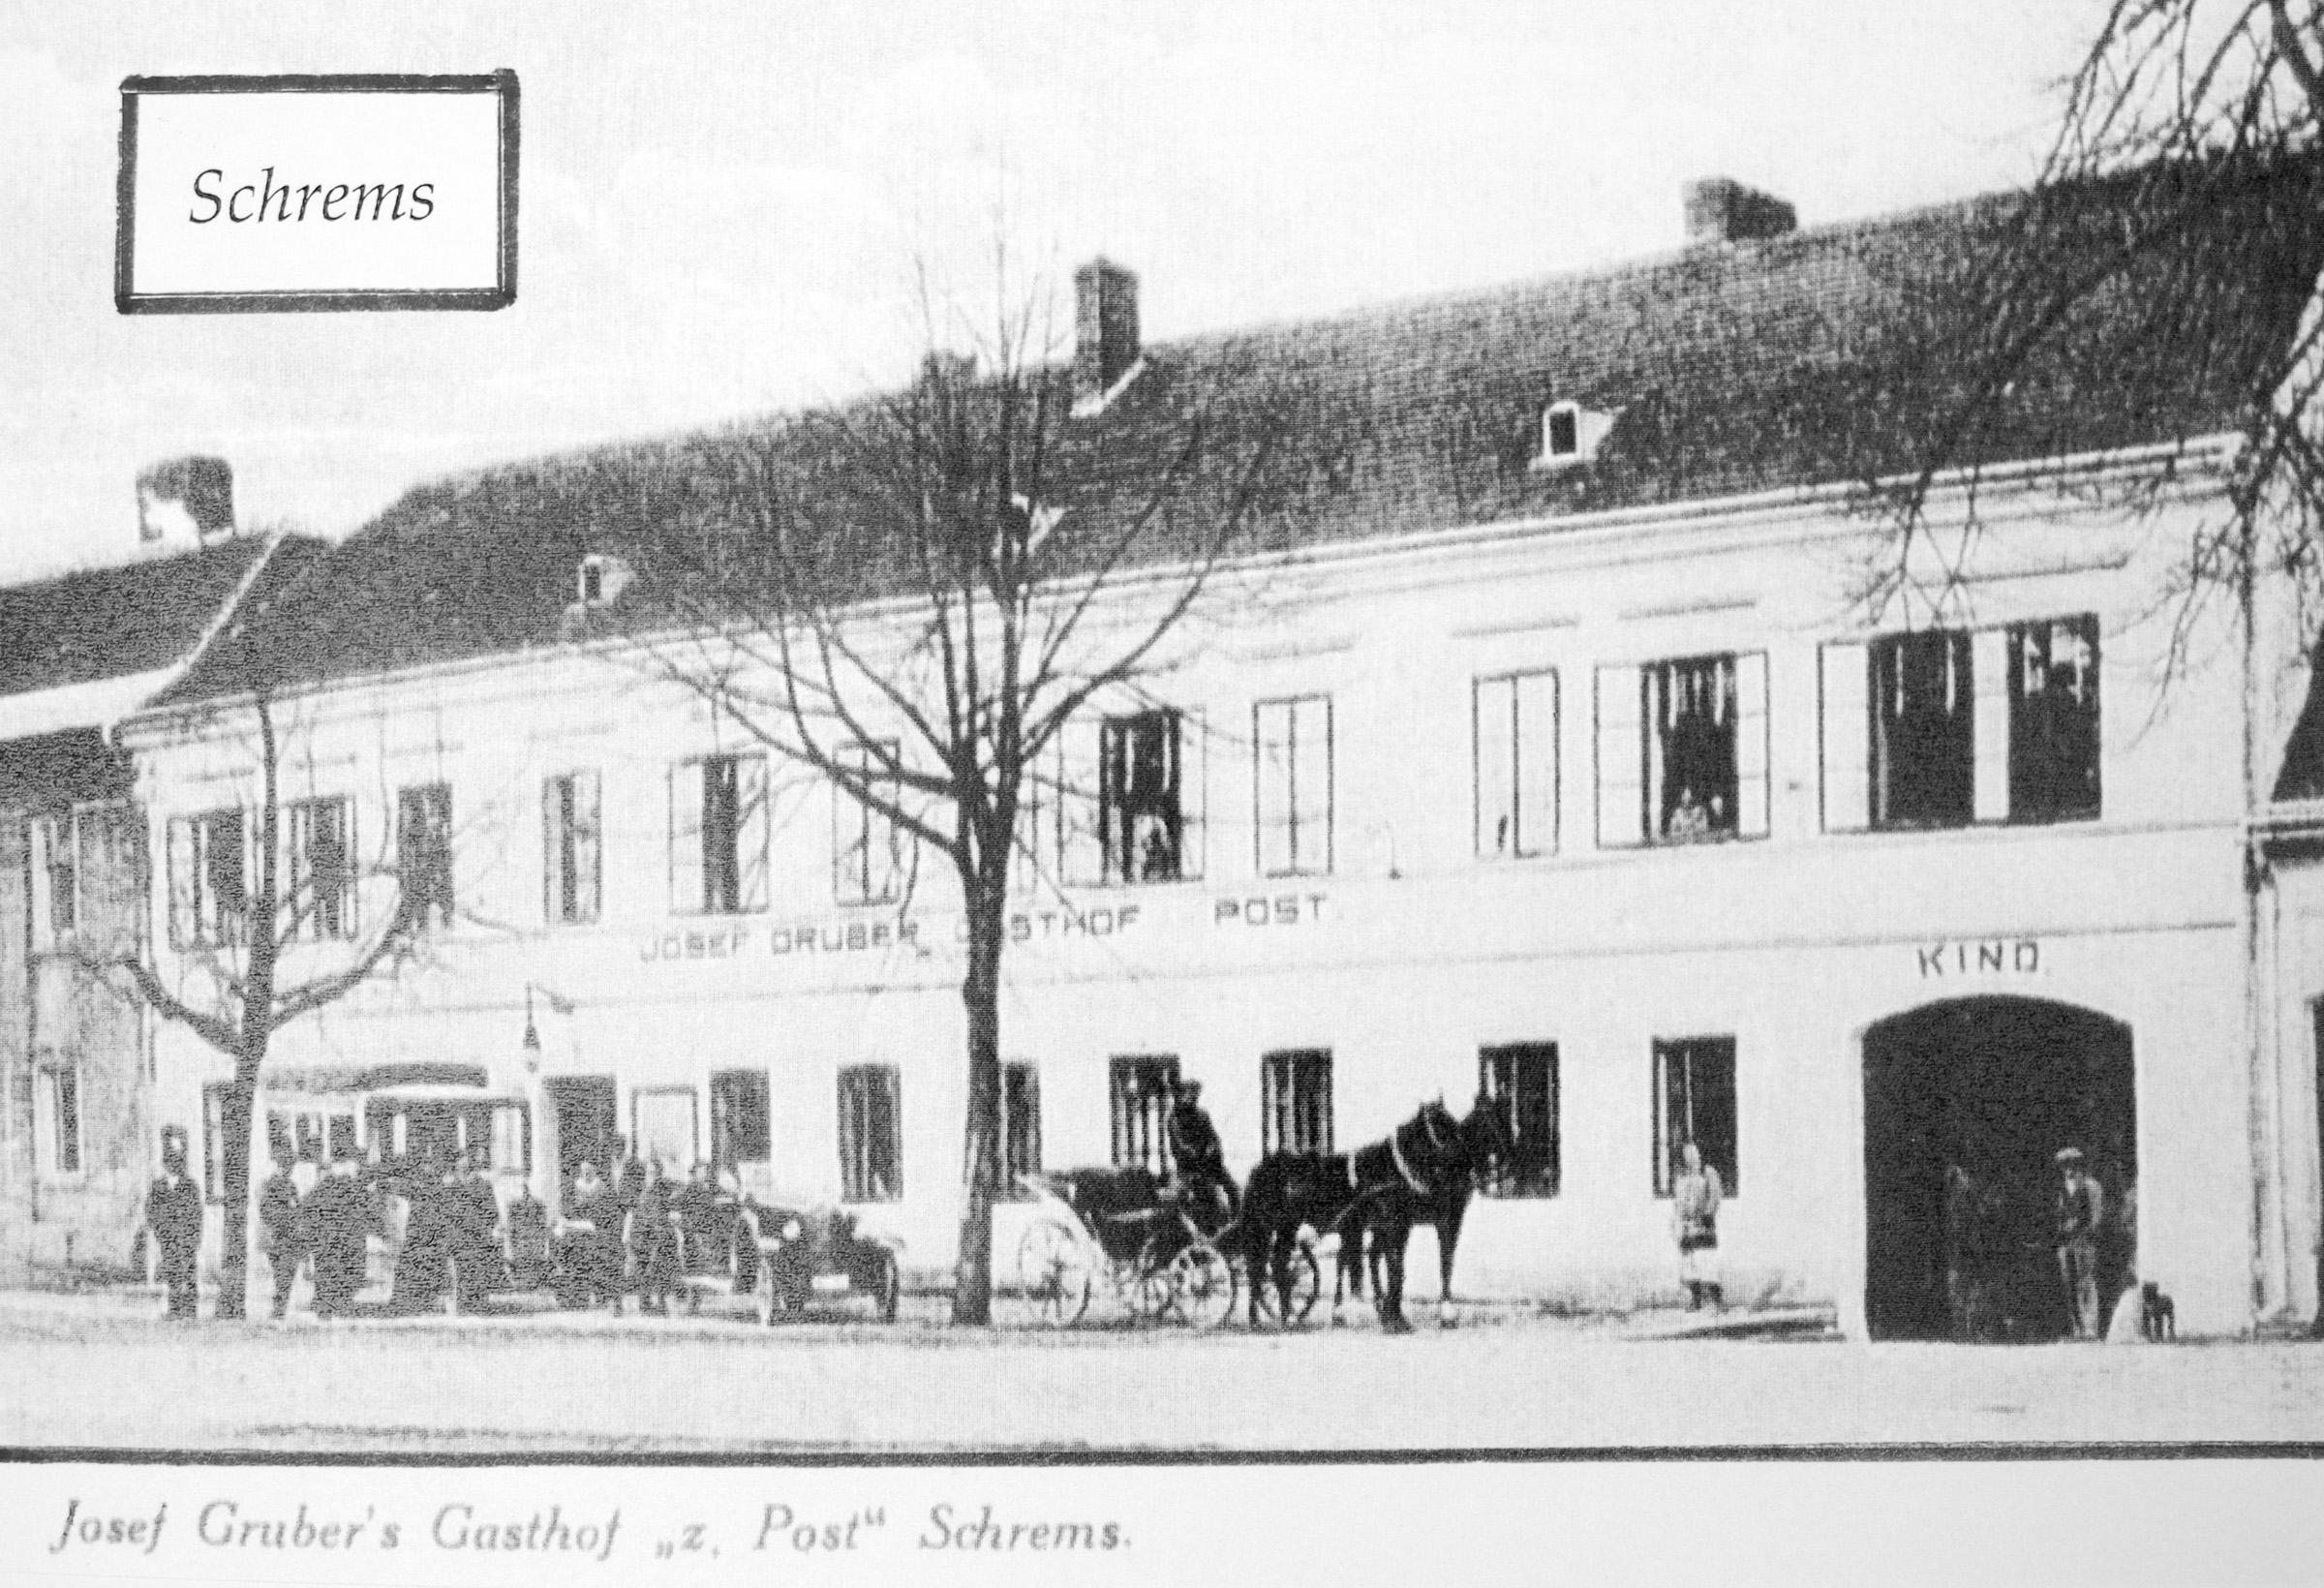 Gasthof Post Schrems.jpg